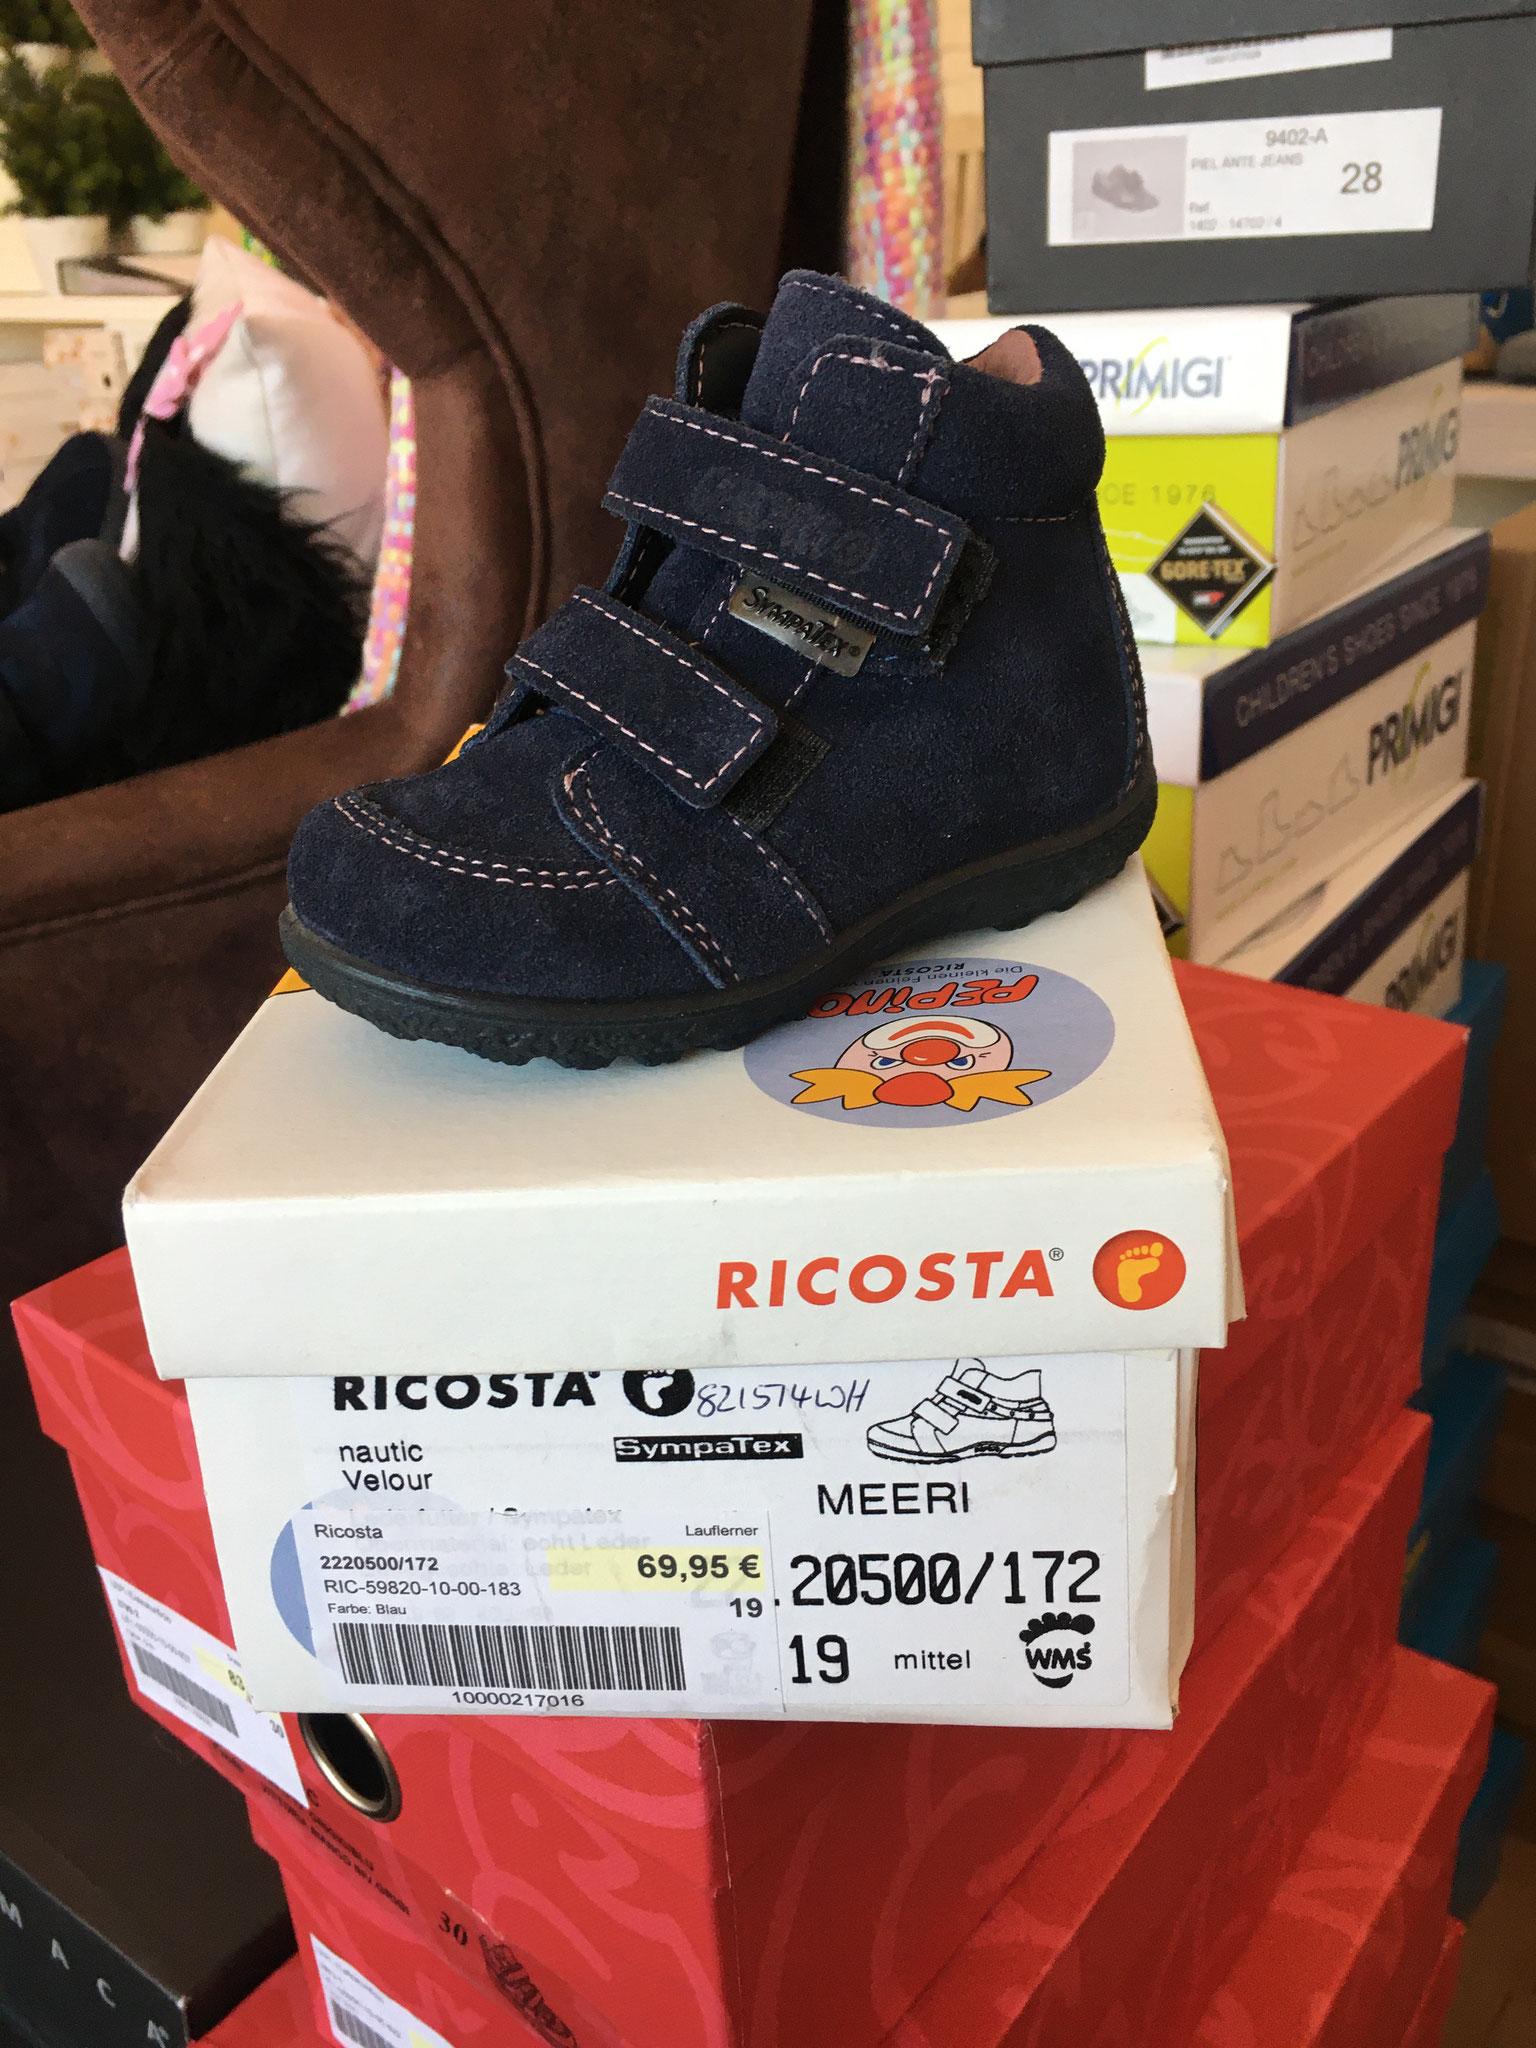 Ricosta - Größe 19 - jetzt 24,90 €